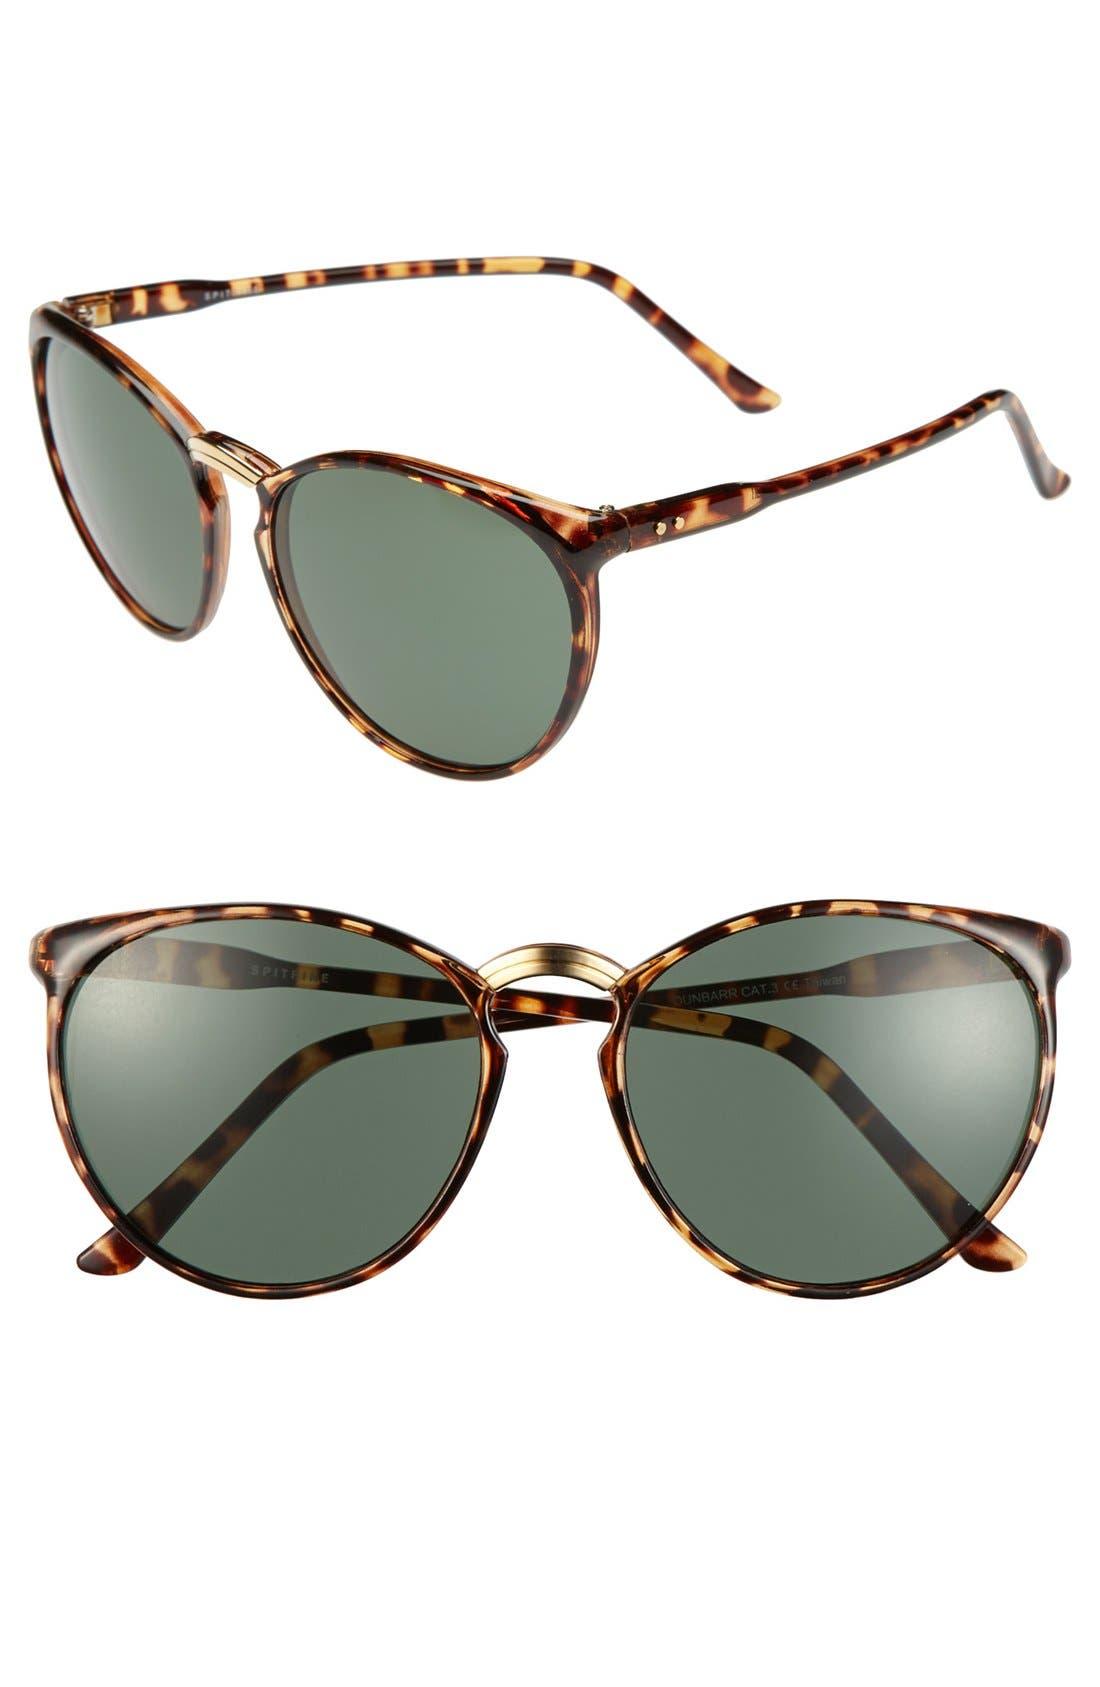 Main Image - Spitfire 'Dunbarr' 50mm Retro Sunglasses